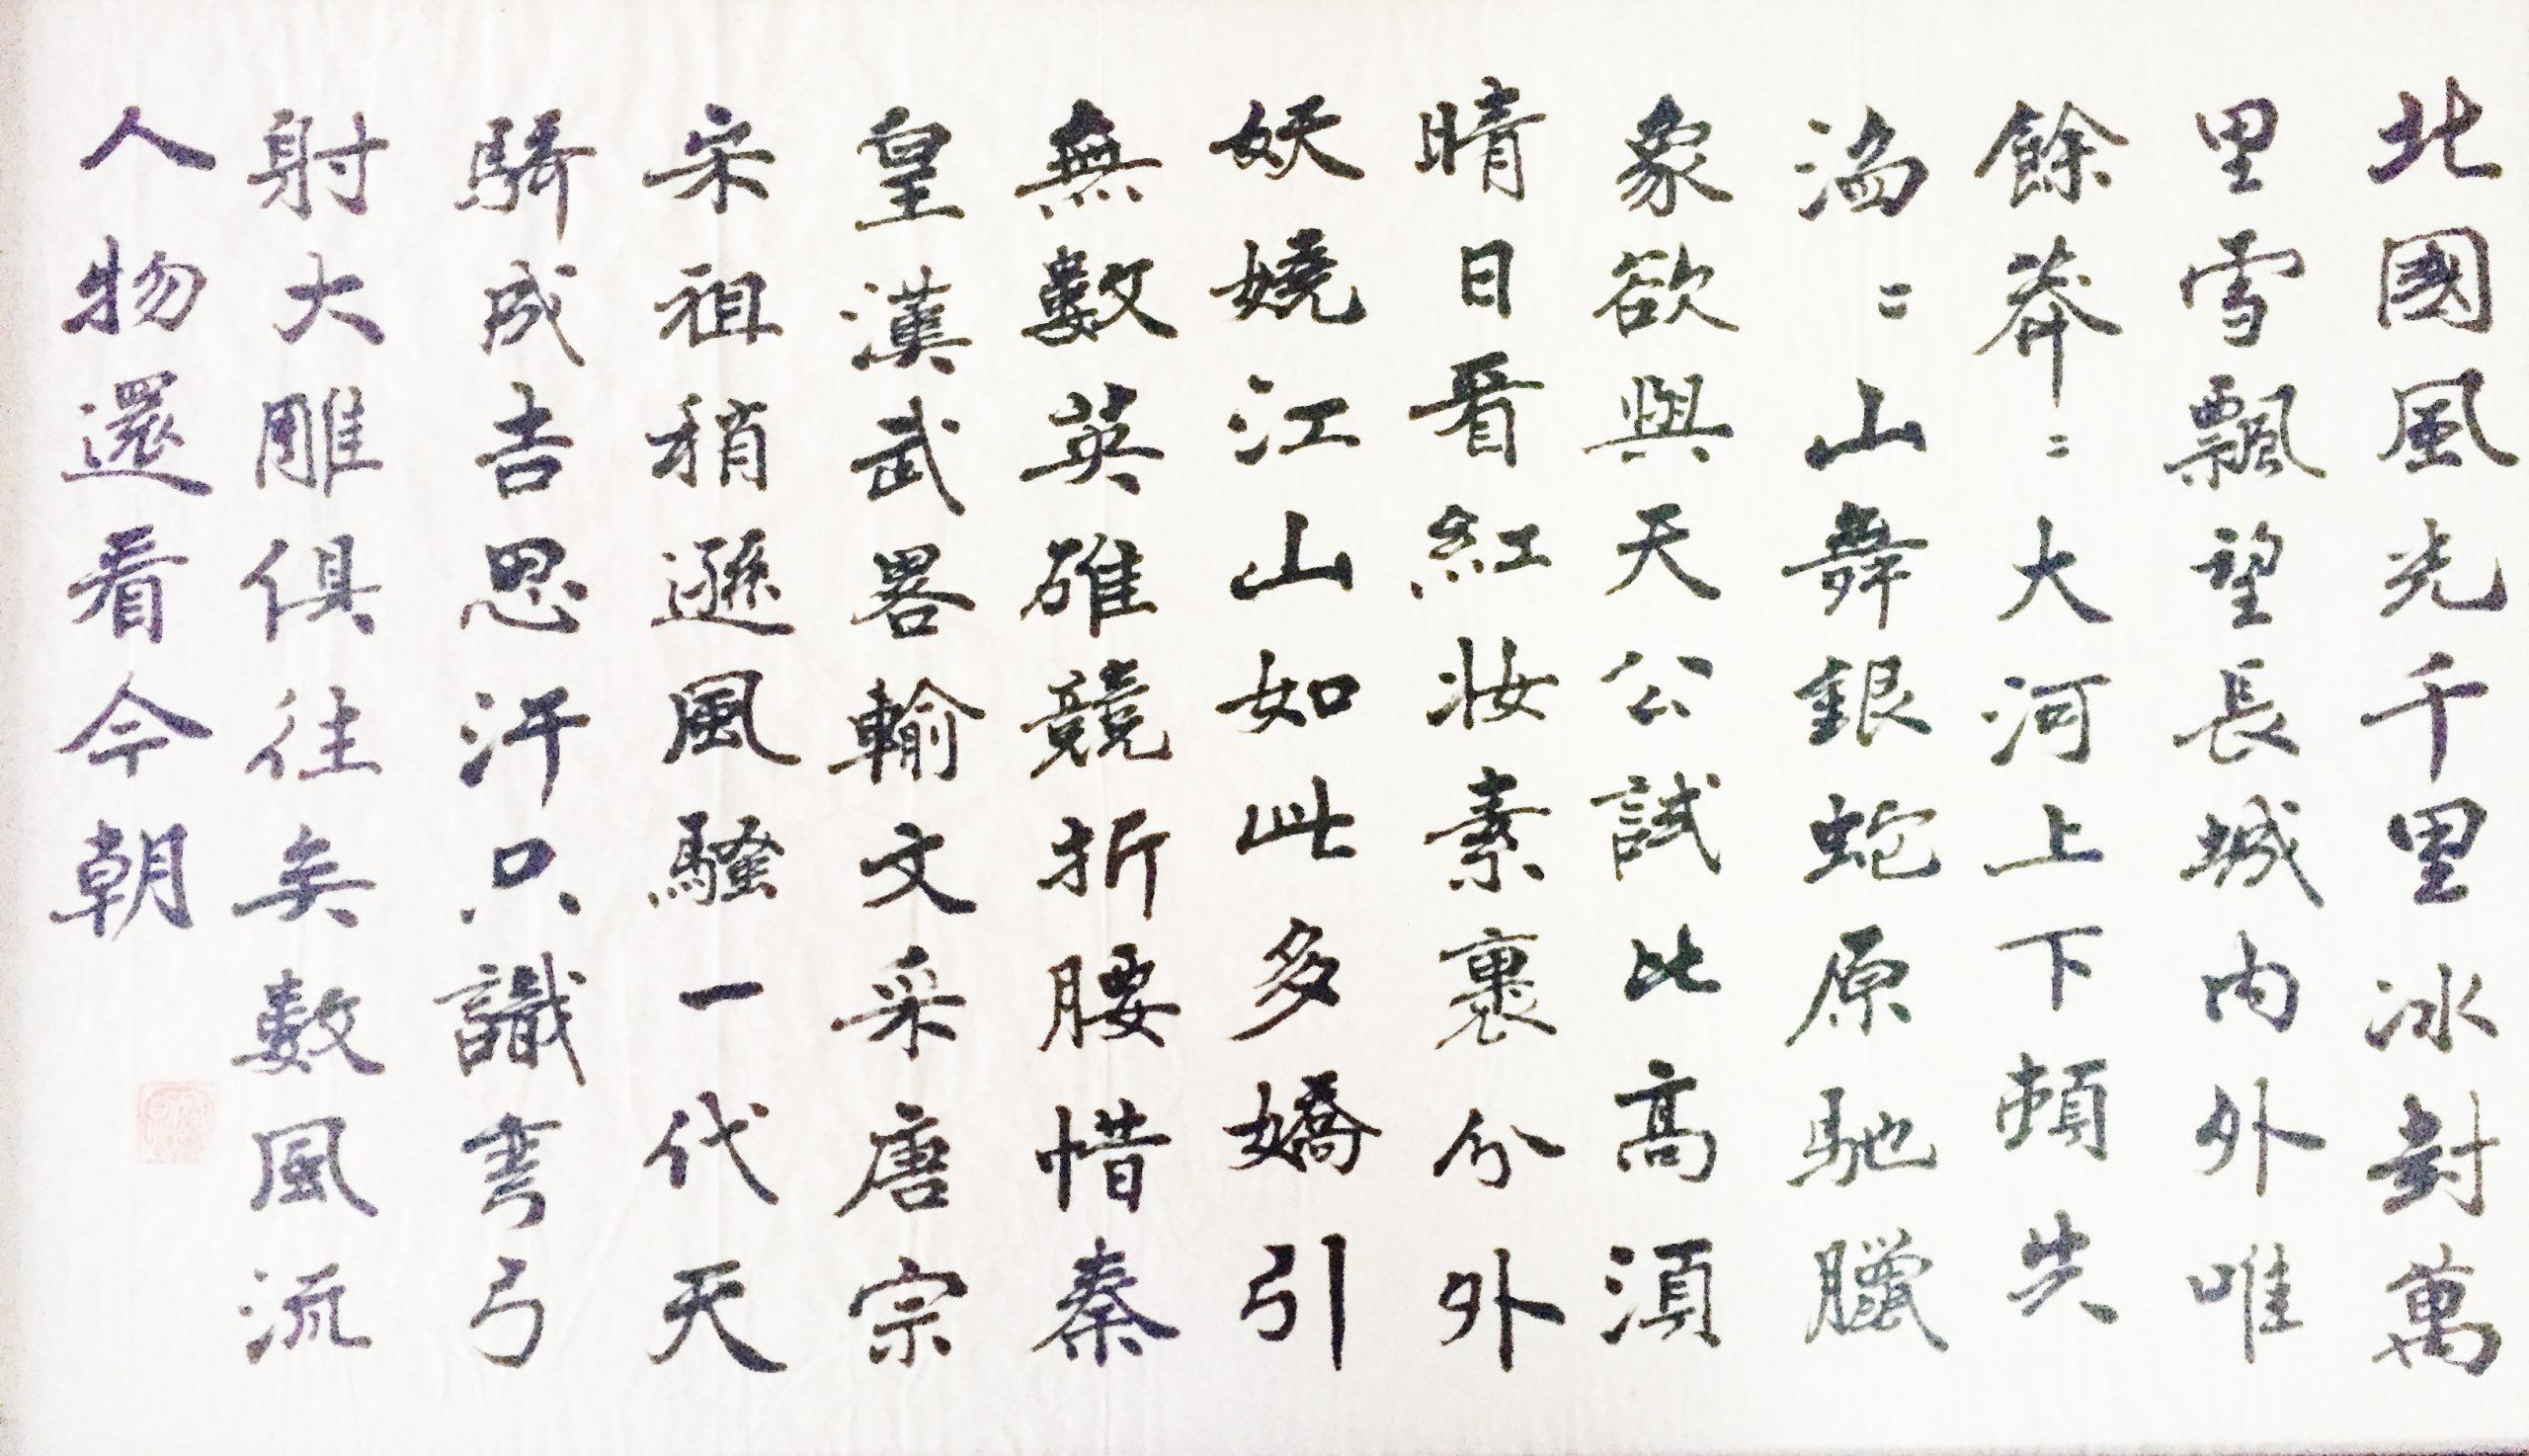 大马美食家妻子李翠枝赠予他的字画《沁园春雪》